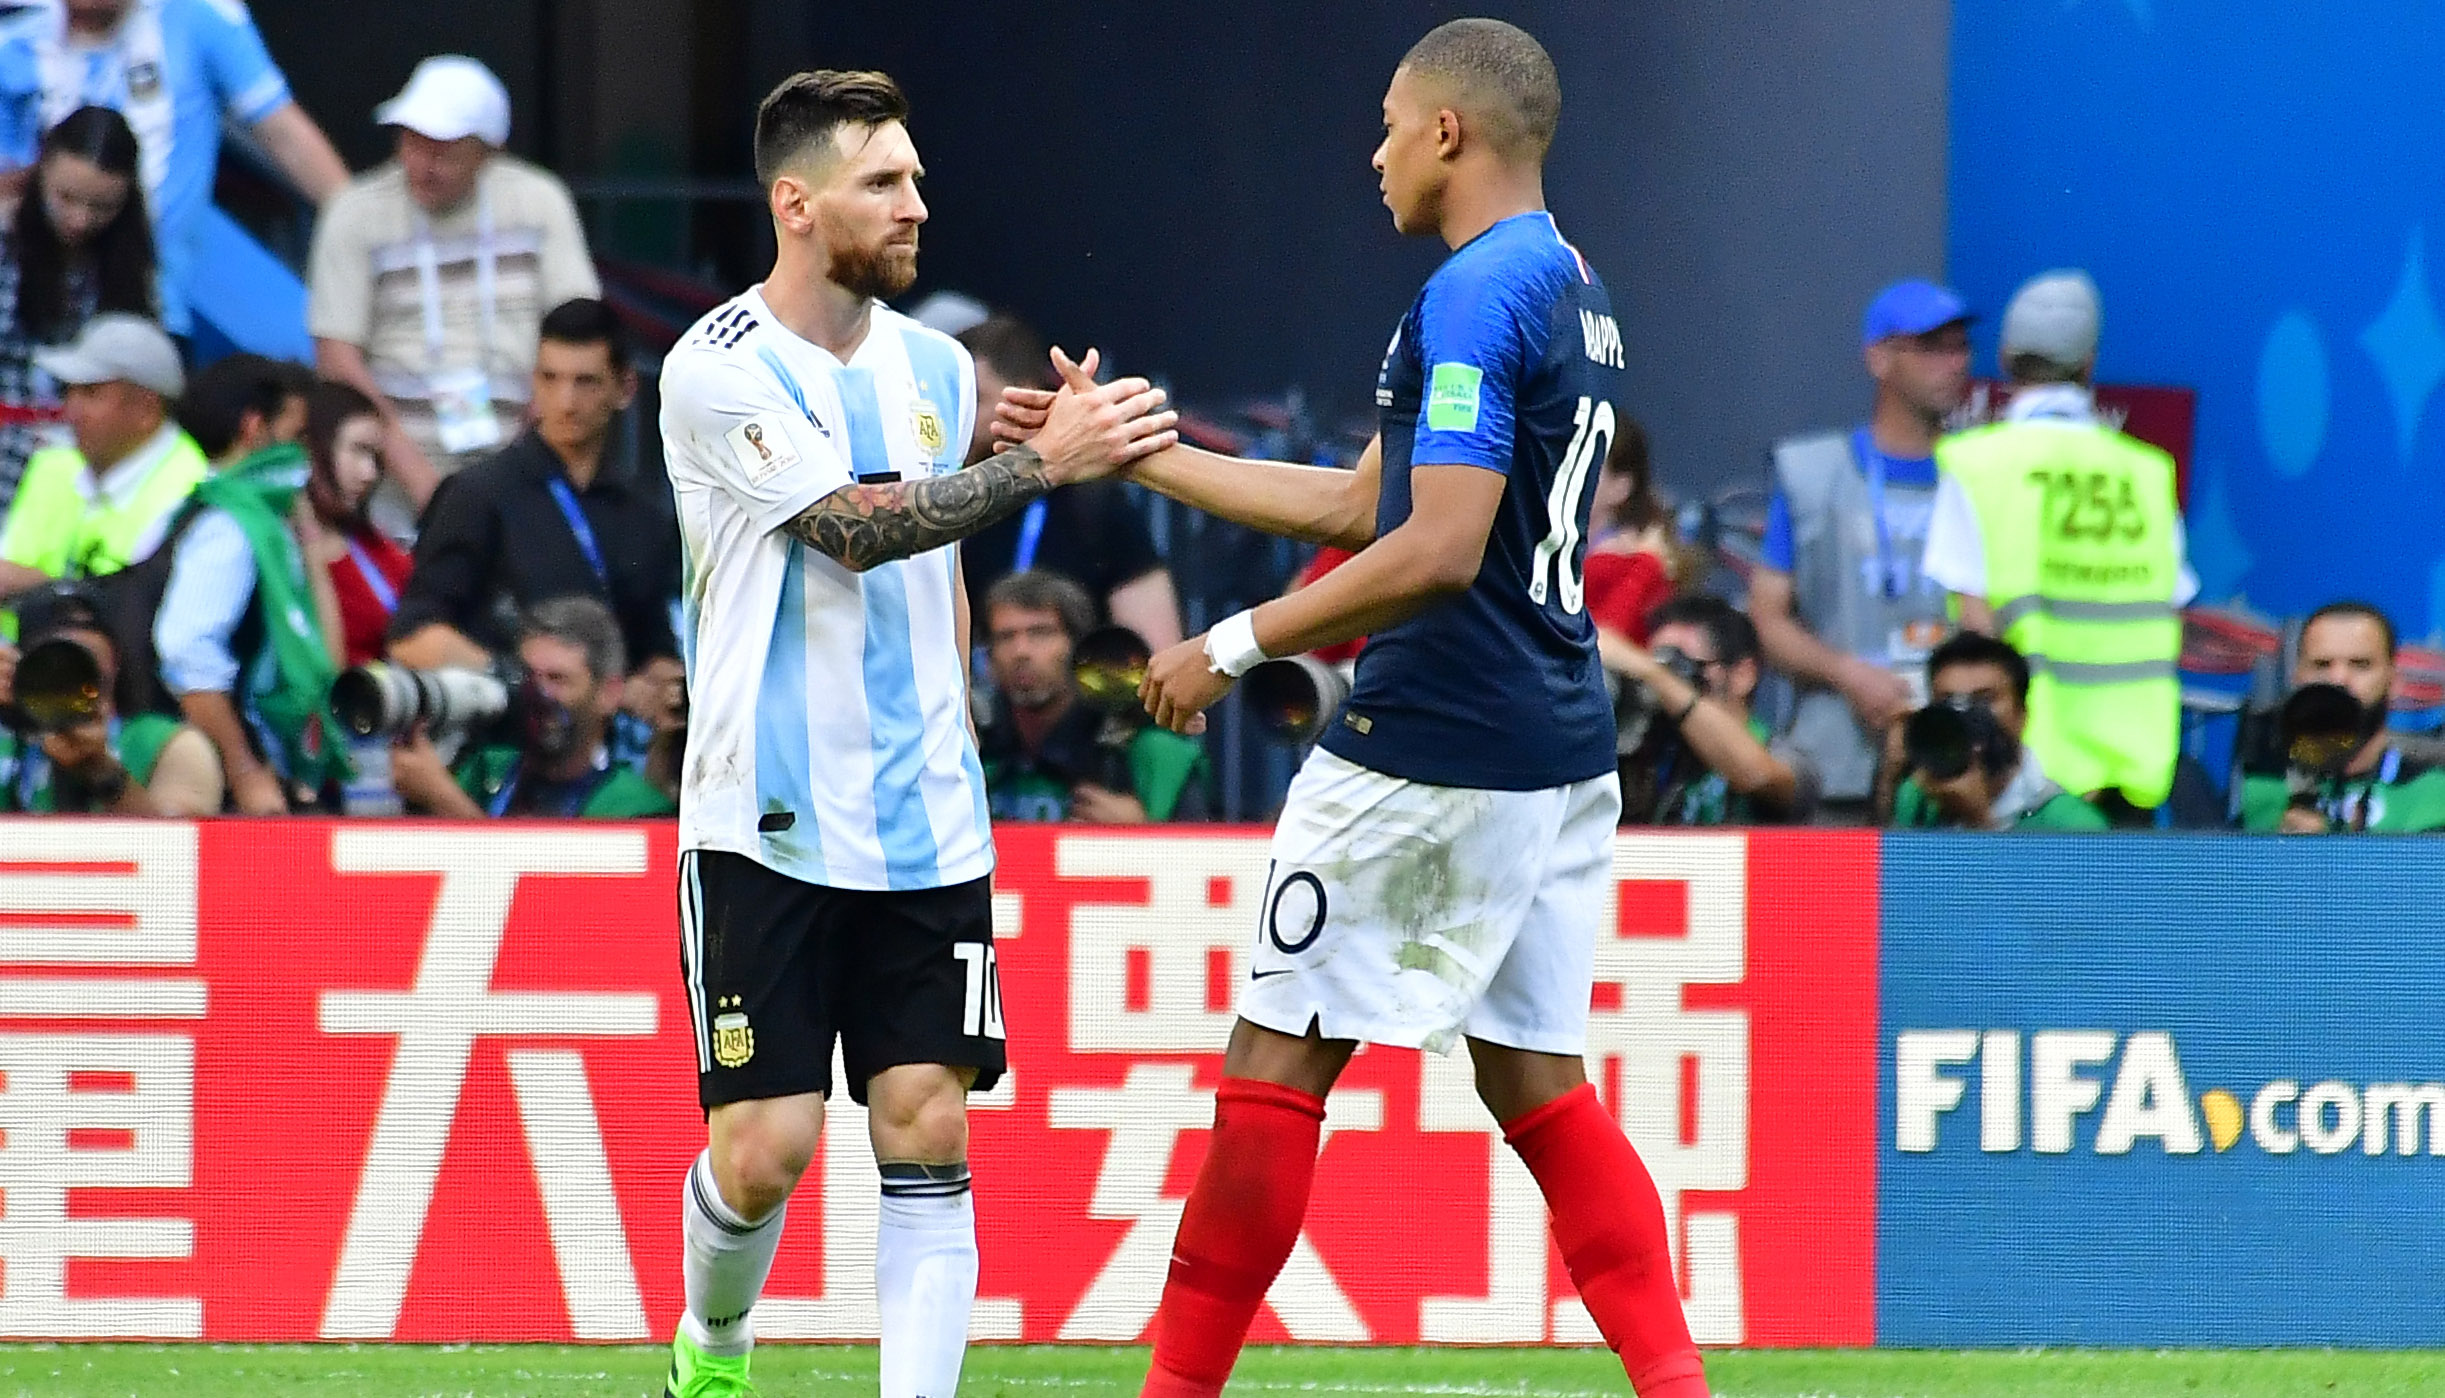 Goldener Schuh: Messi stellt neuen Rekord auf